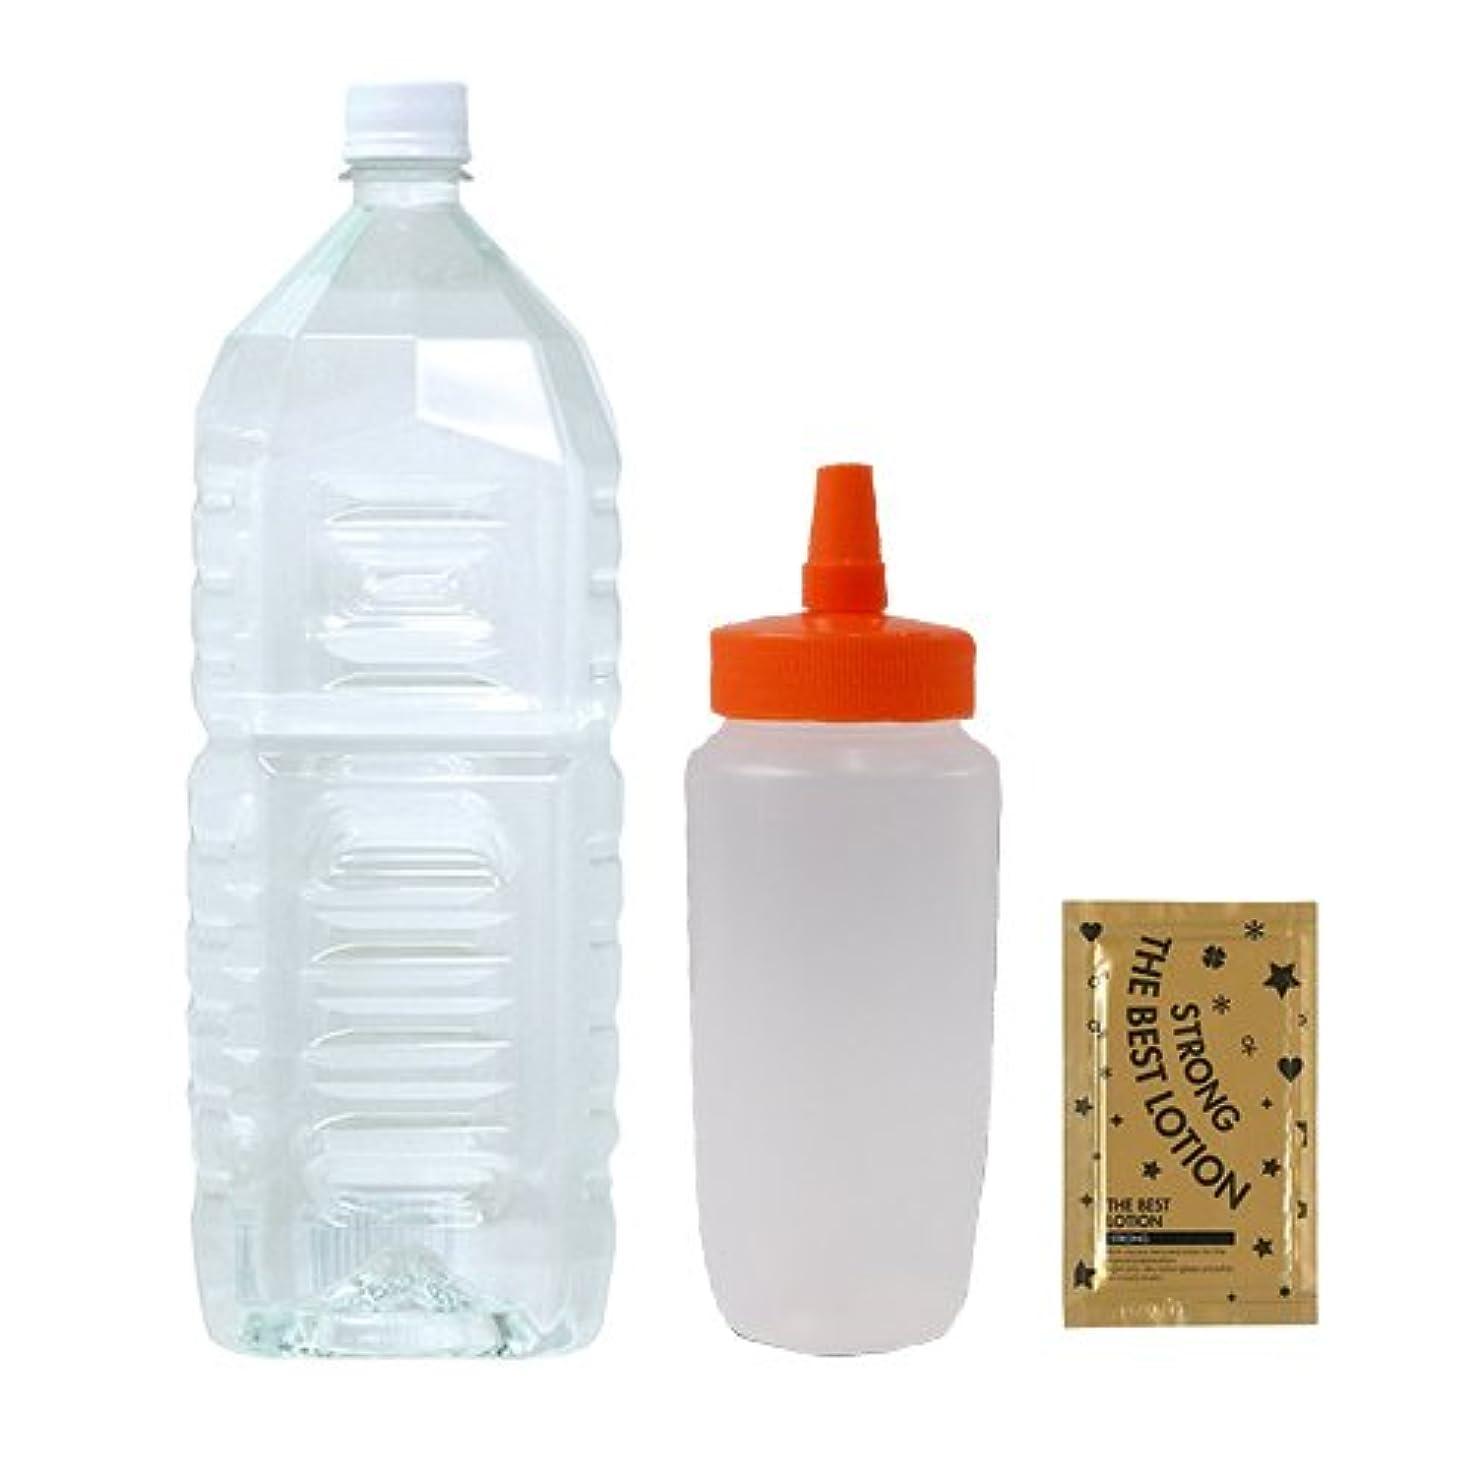 苦しみ疎外休みクリアローション 2Lペットボトル ハードタイプ(5倍濃縮原液)+ はちみつ容器740ml(オレンジキャップ)+ ベストローションストロング 1包付き セット